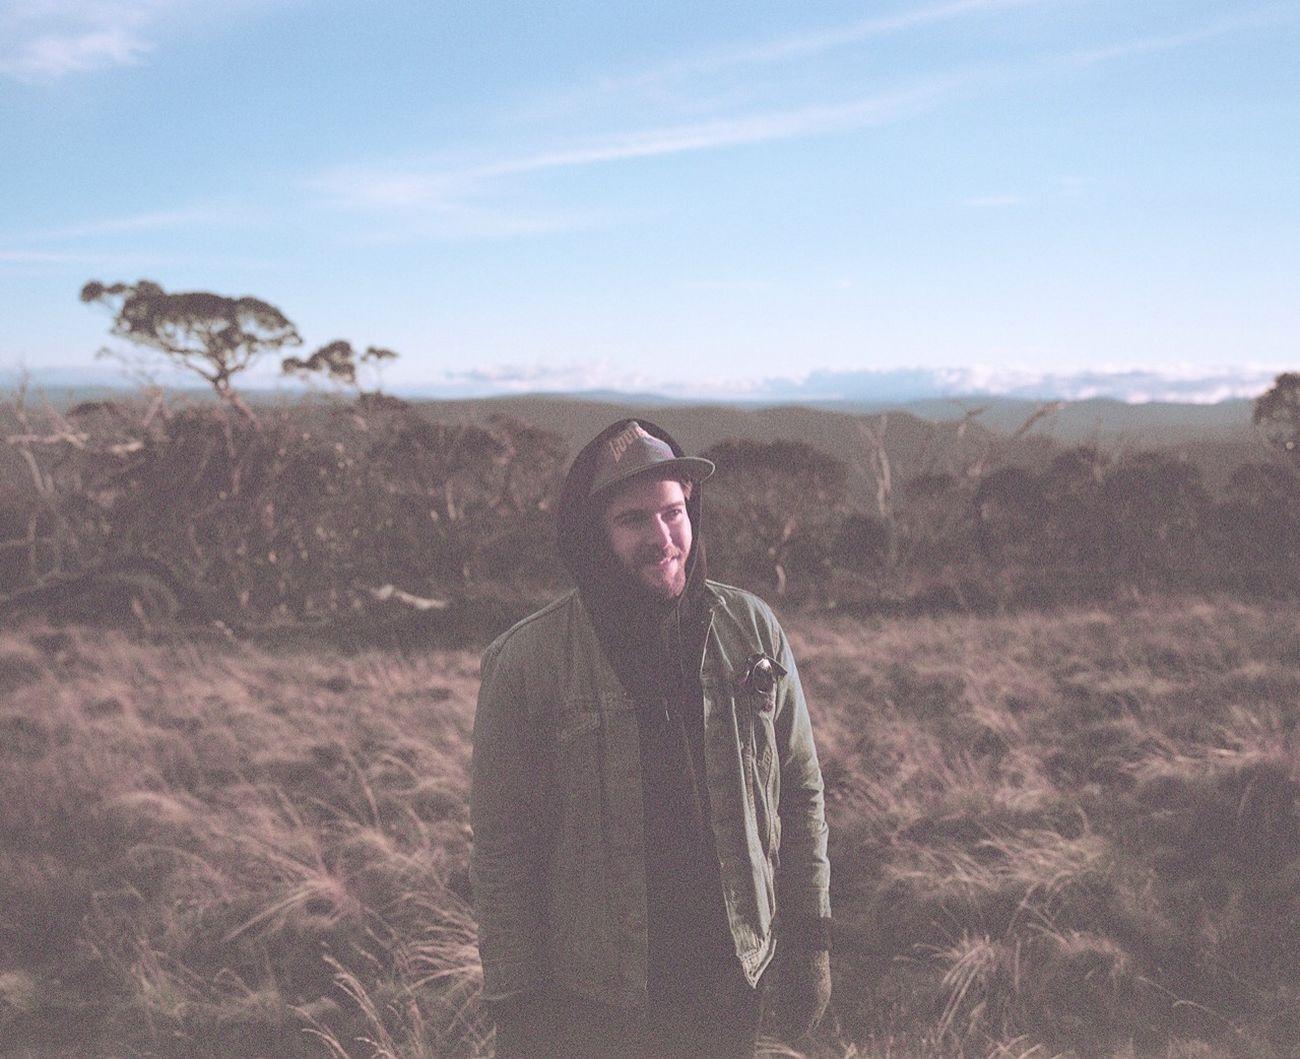 Pablo Australia Mamiya7ii Portrait Expired Film Landscape Australian Landscape Act Canberra